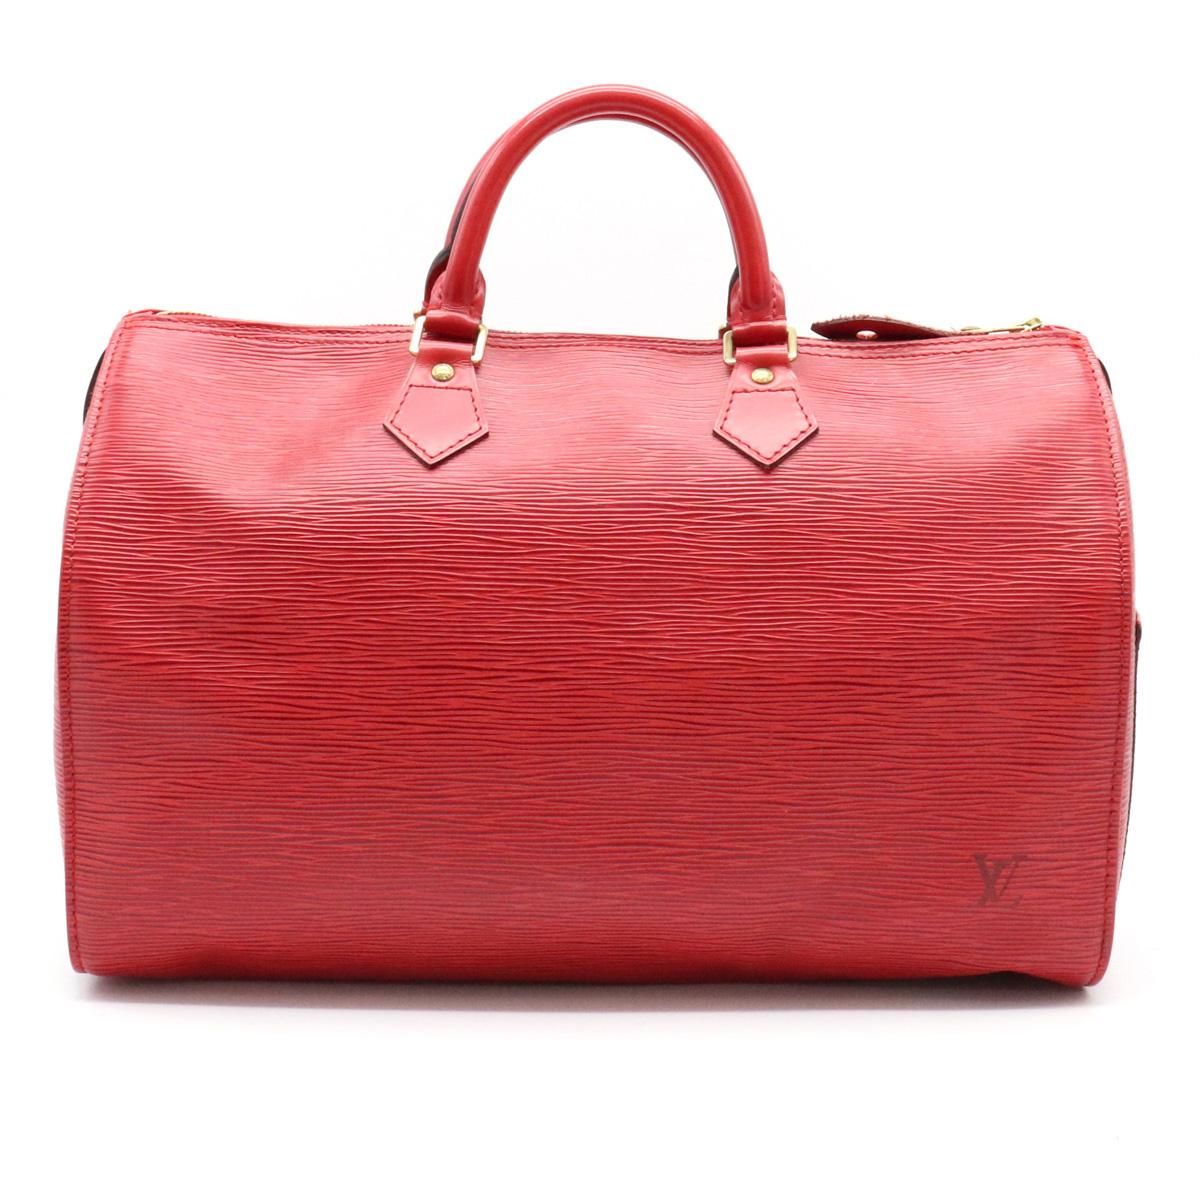 【バッグ】LOUIS VUITTON ルイ ヴィトン エピ スピーディ35 ハンドバッグ ボストンバッグ カスティリアンレッド レッド 赤 M42997 【中古】